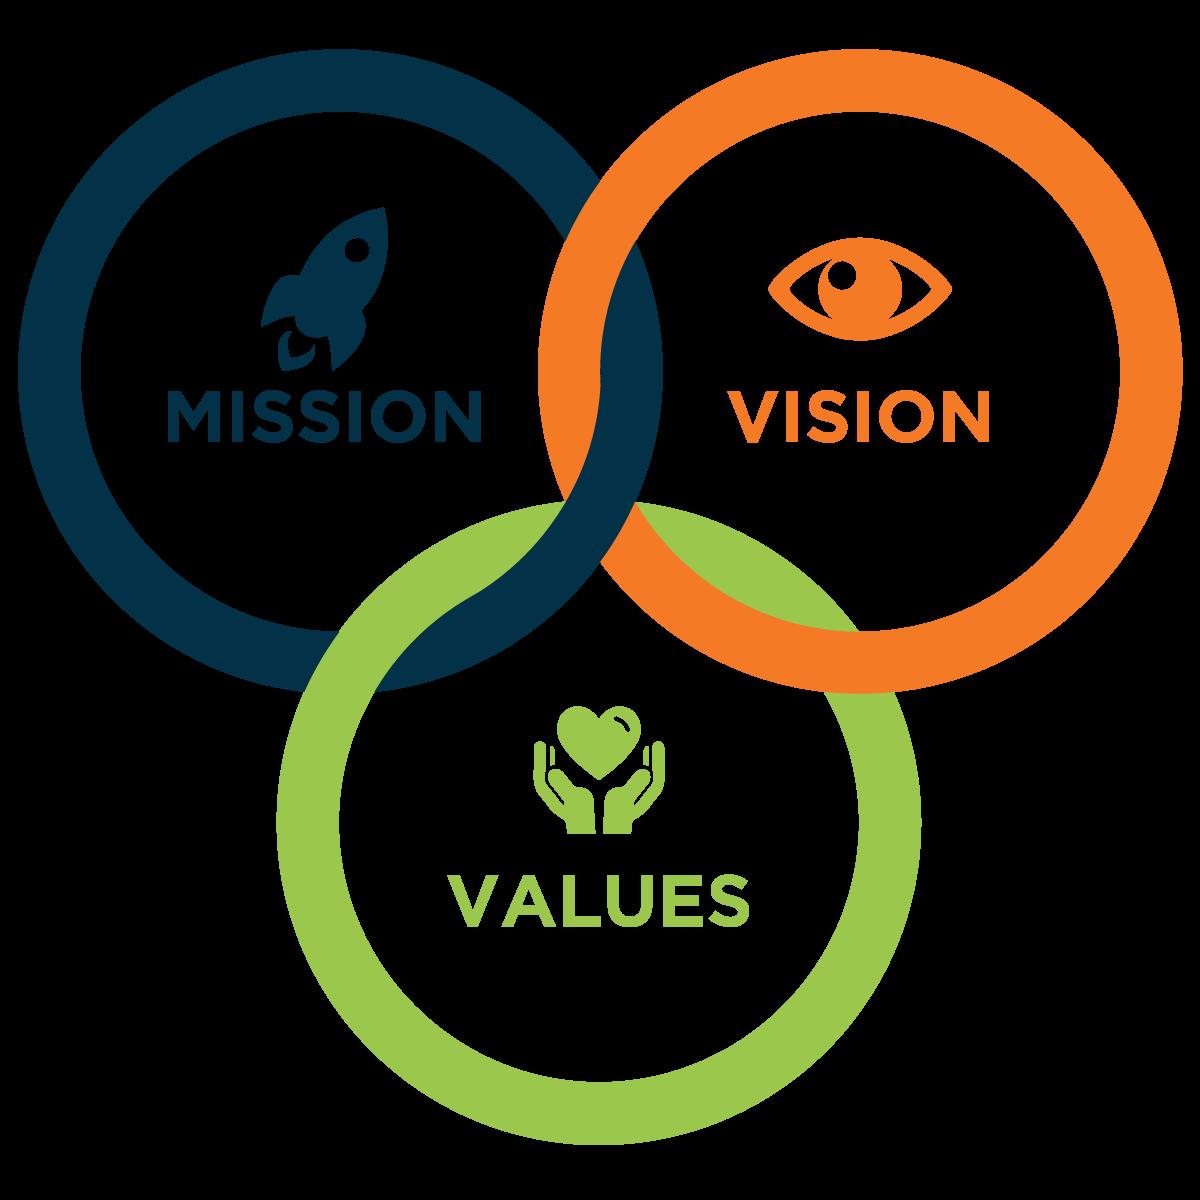 Mission - Vision - Core Values